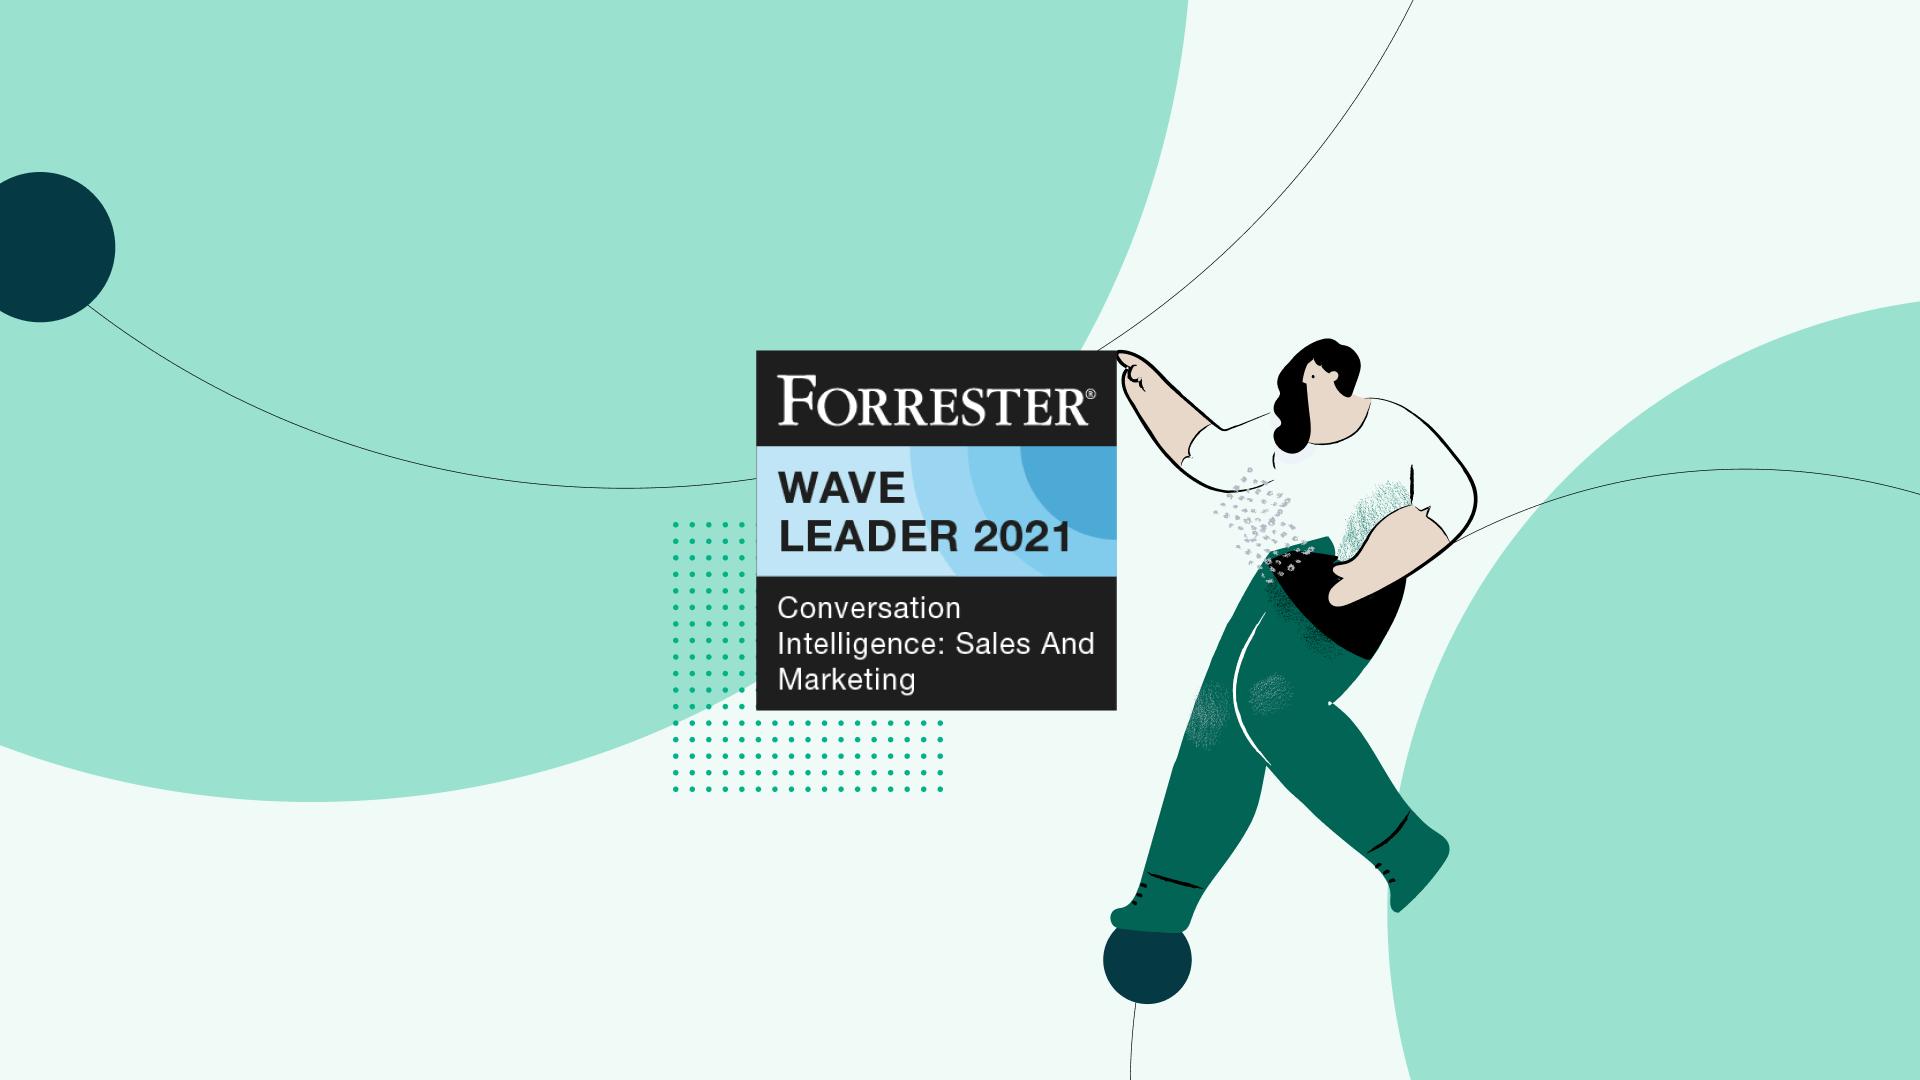 Invoca named a Leader in Forrester Wave Conversation Intelligence Report